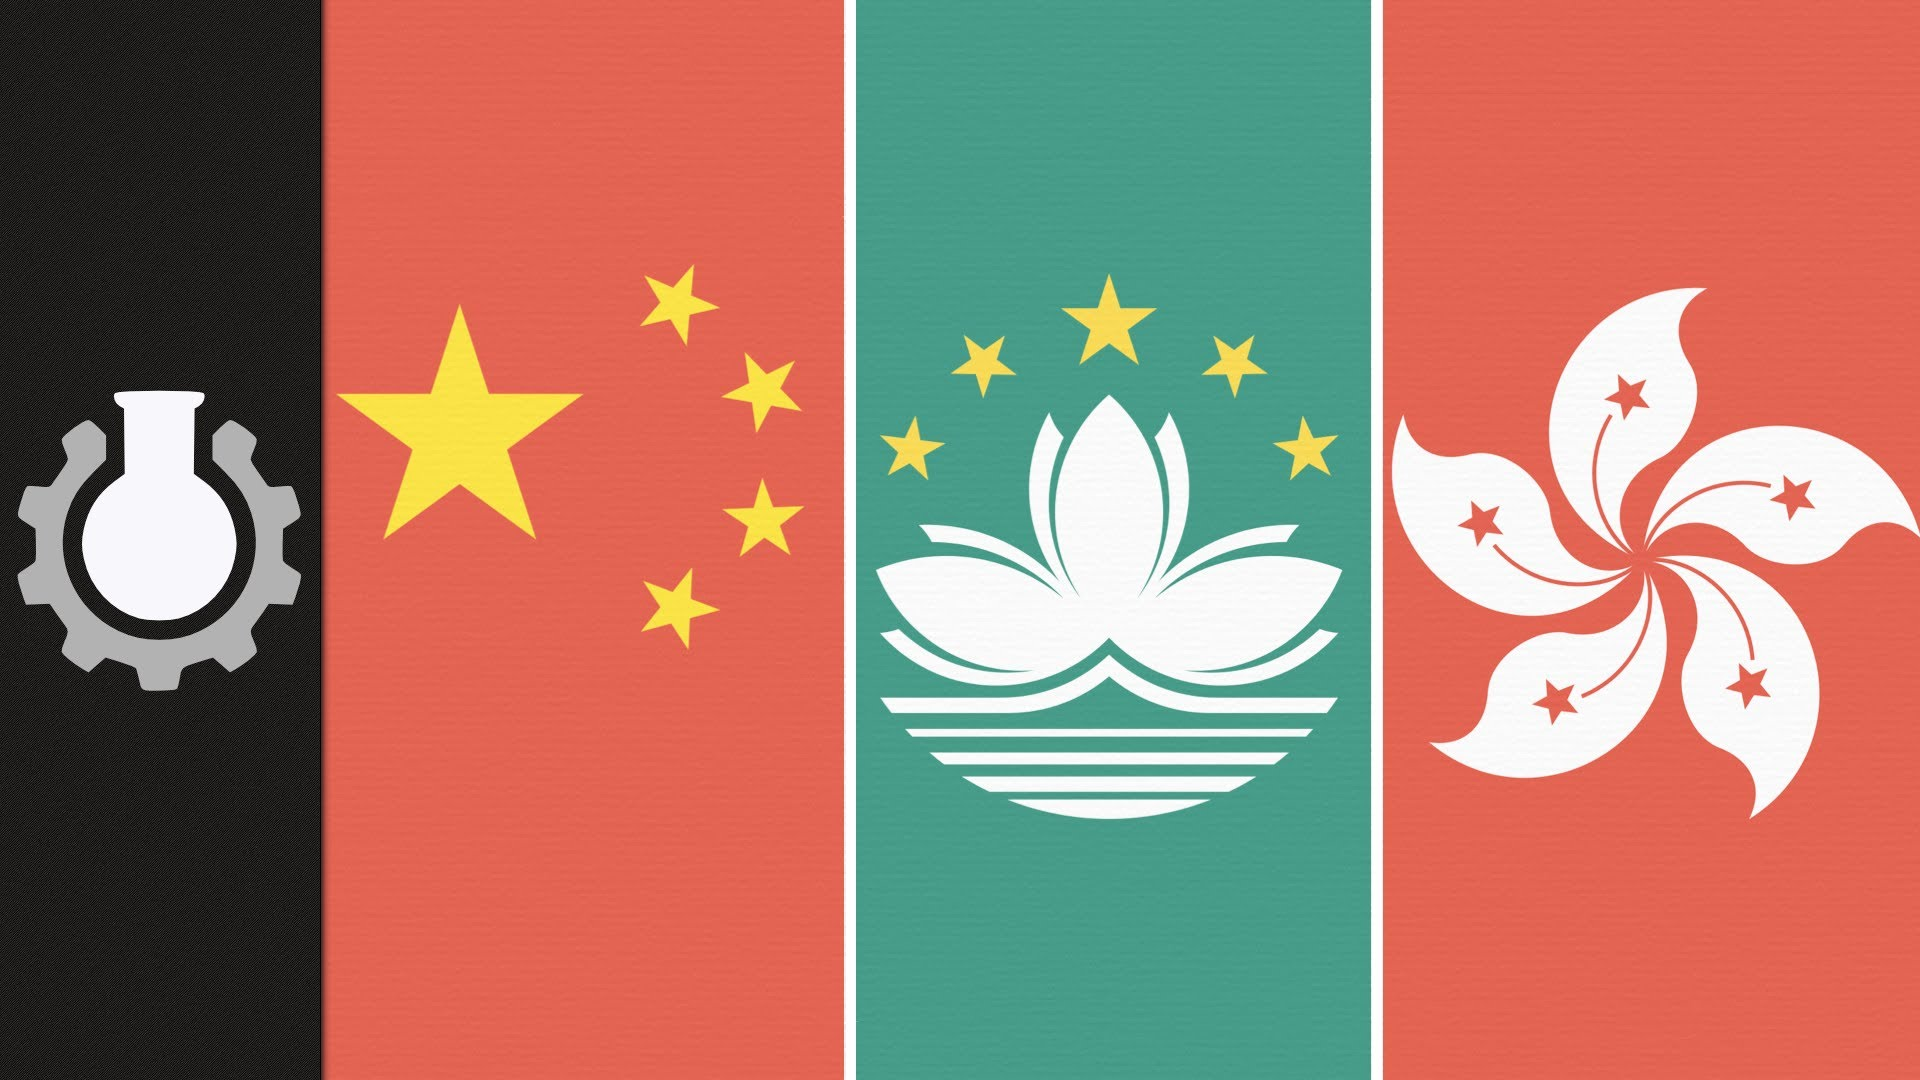 「看港澳,思索台灣未來」- Are Hong Kong & Macau Countries?